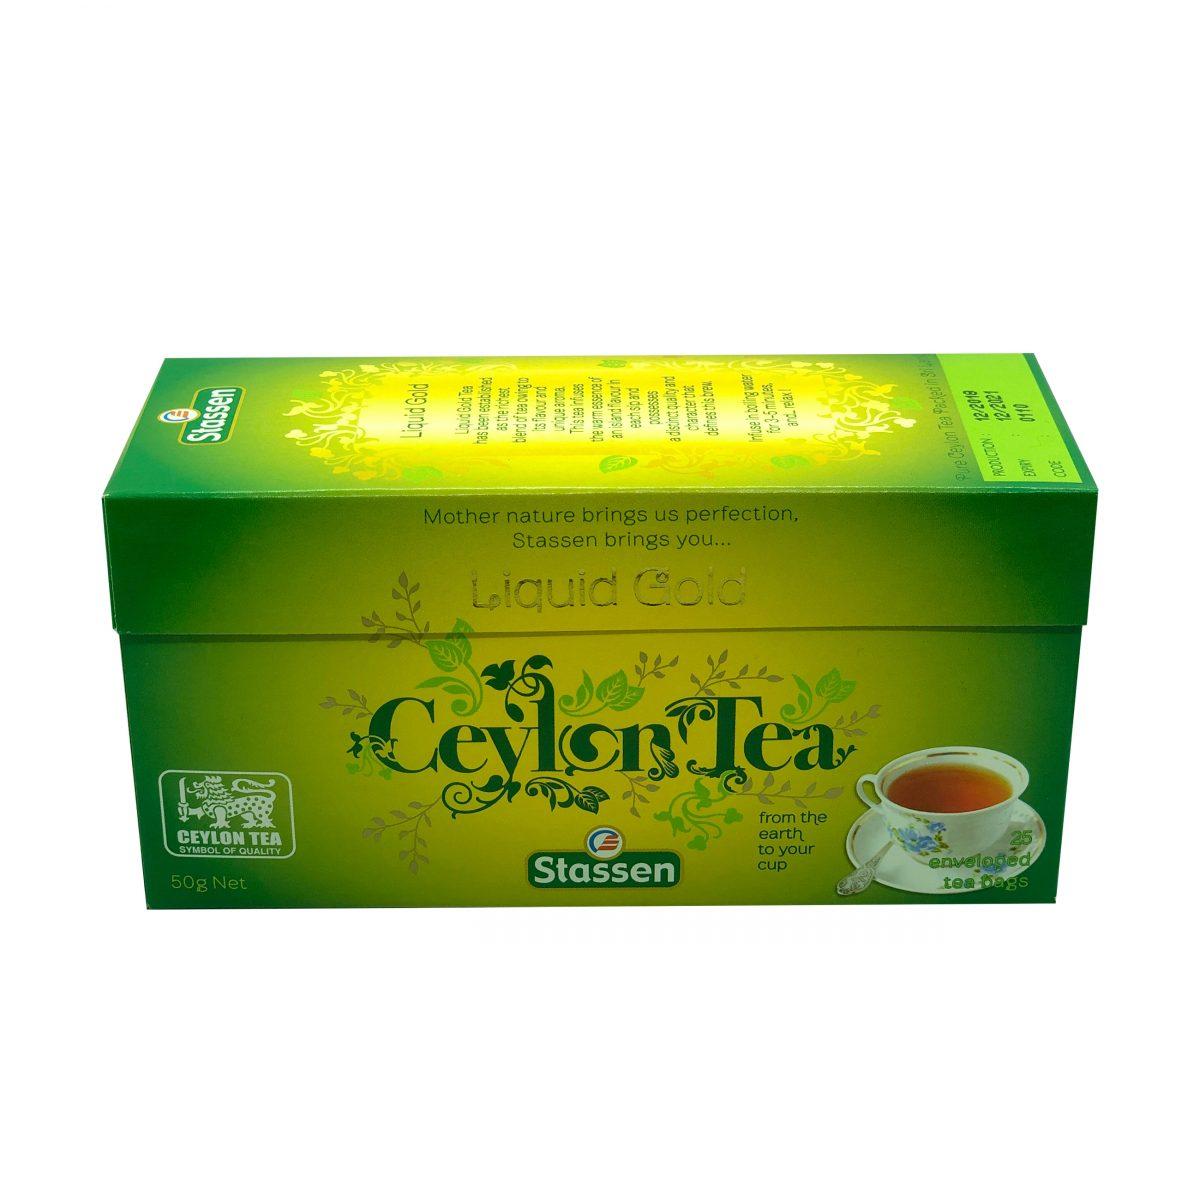 Stassen Liquid gold, pure ceylon tea